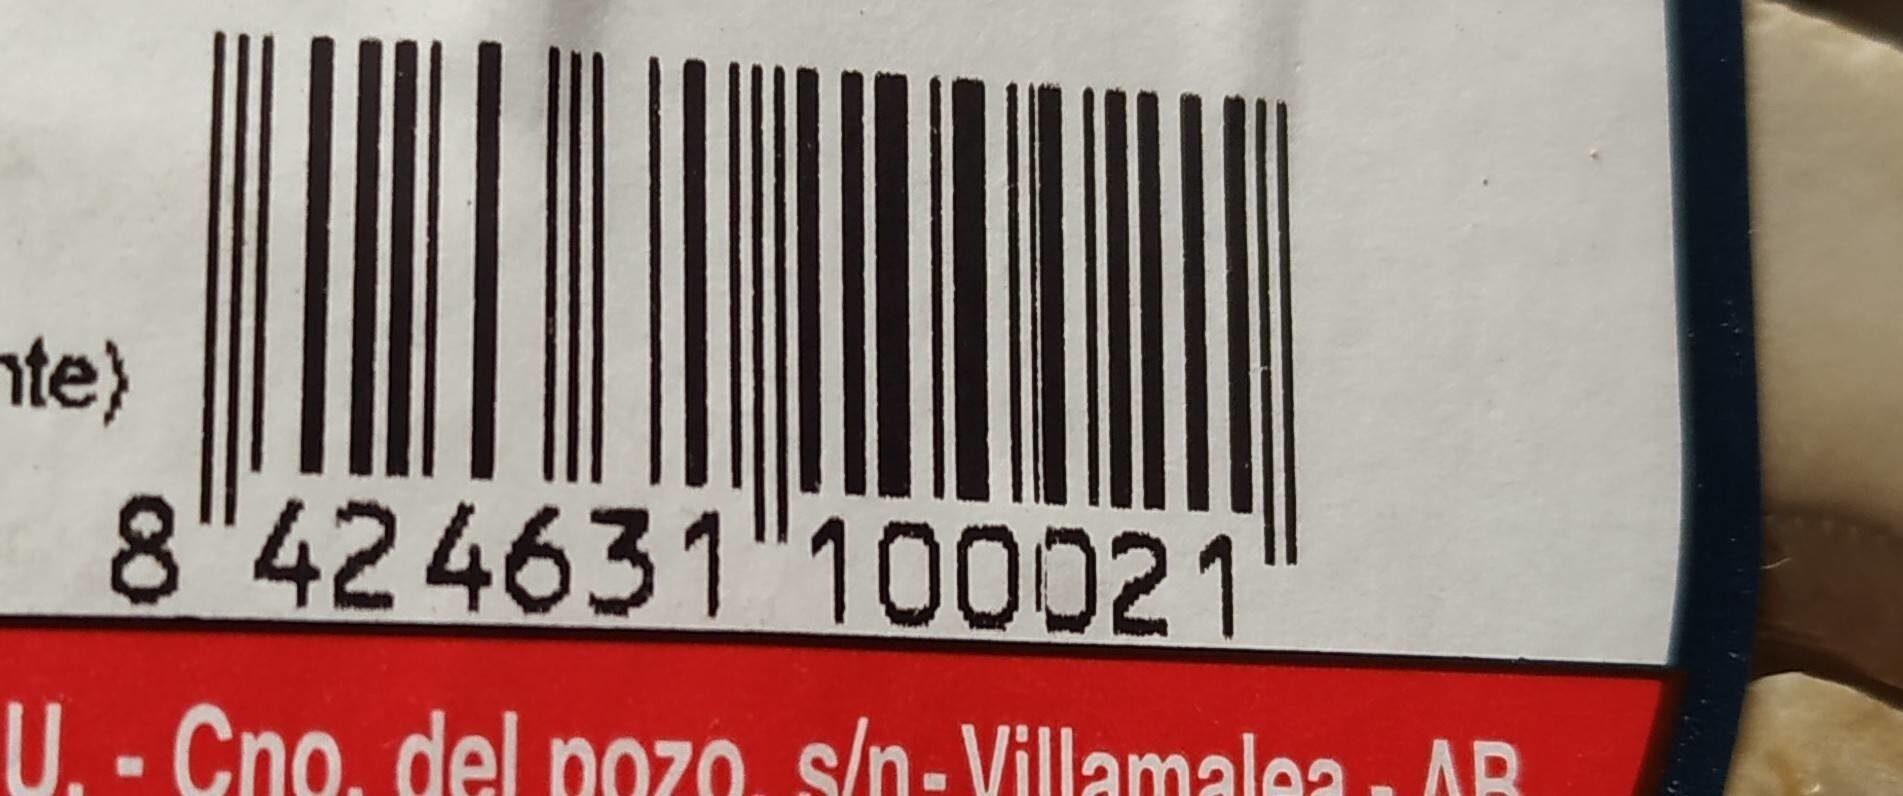 CHAMPIÑONES LAMINADOS - Informació nutricional - es